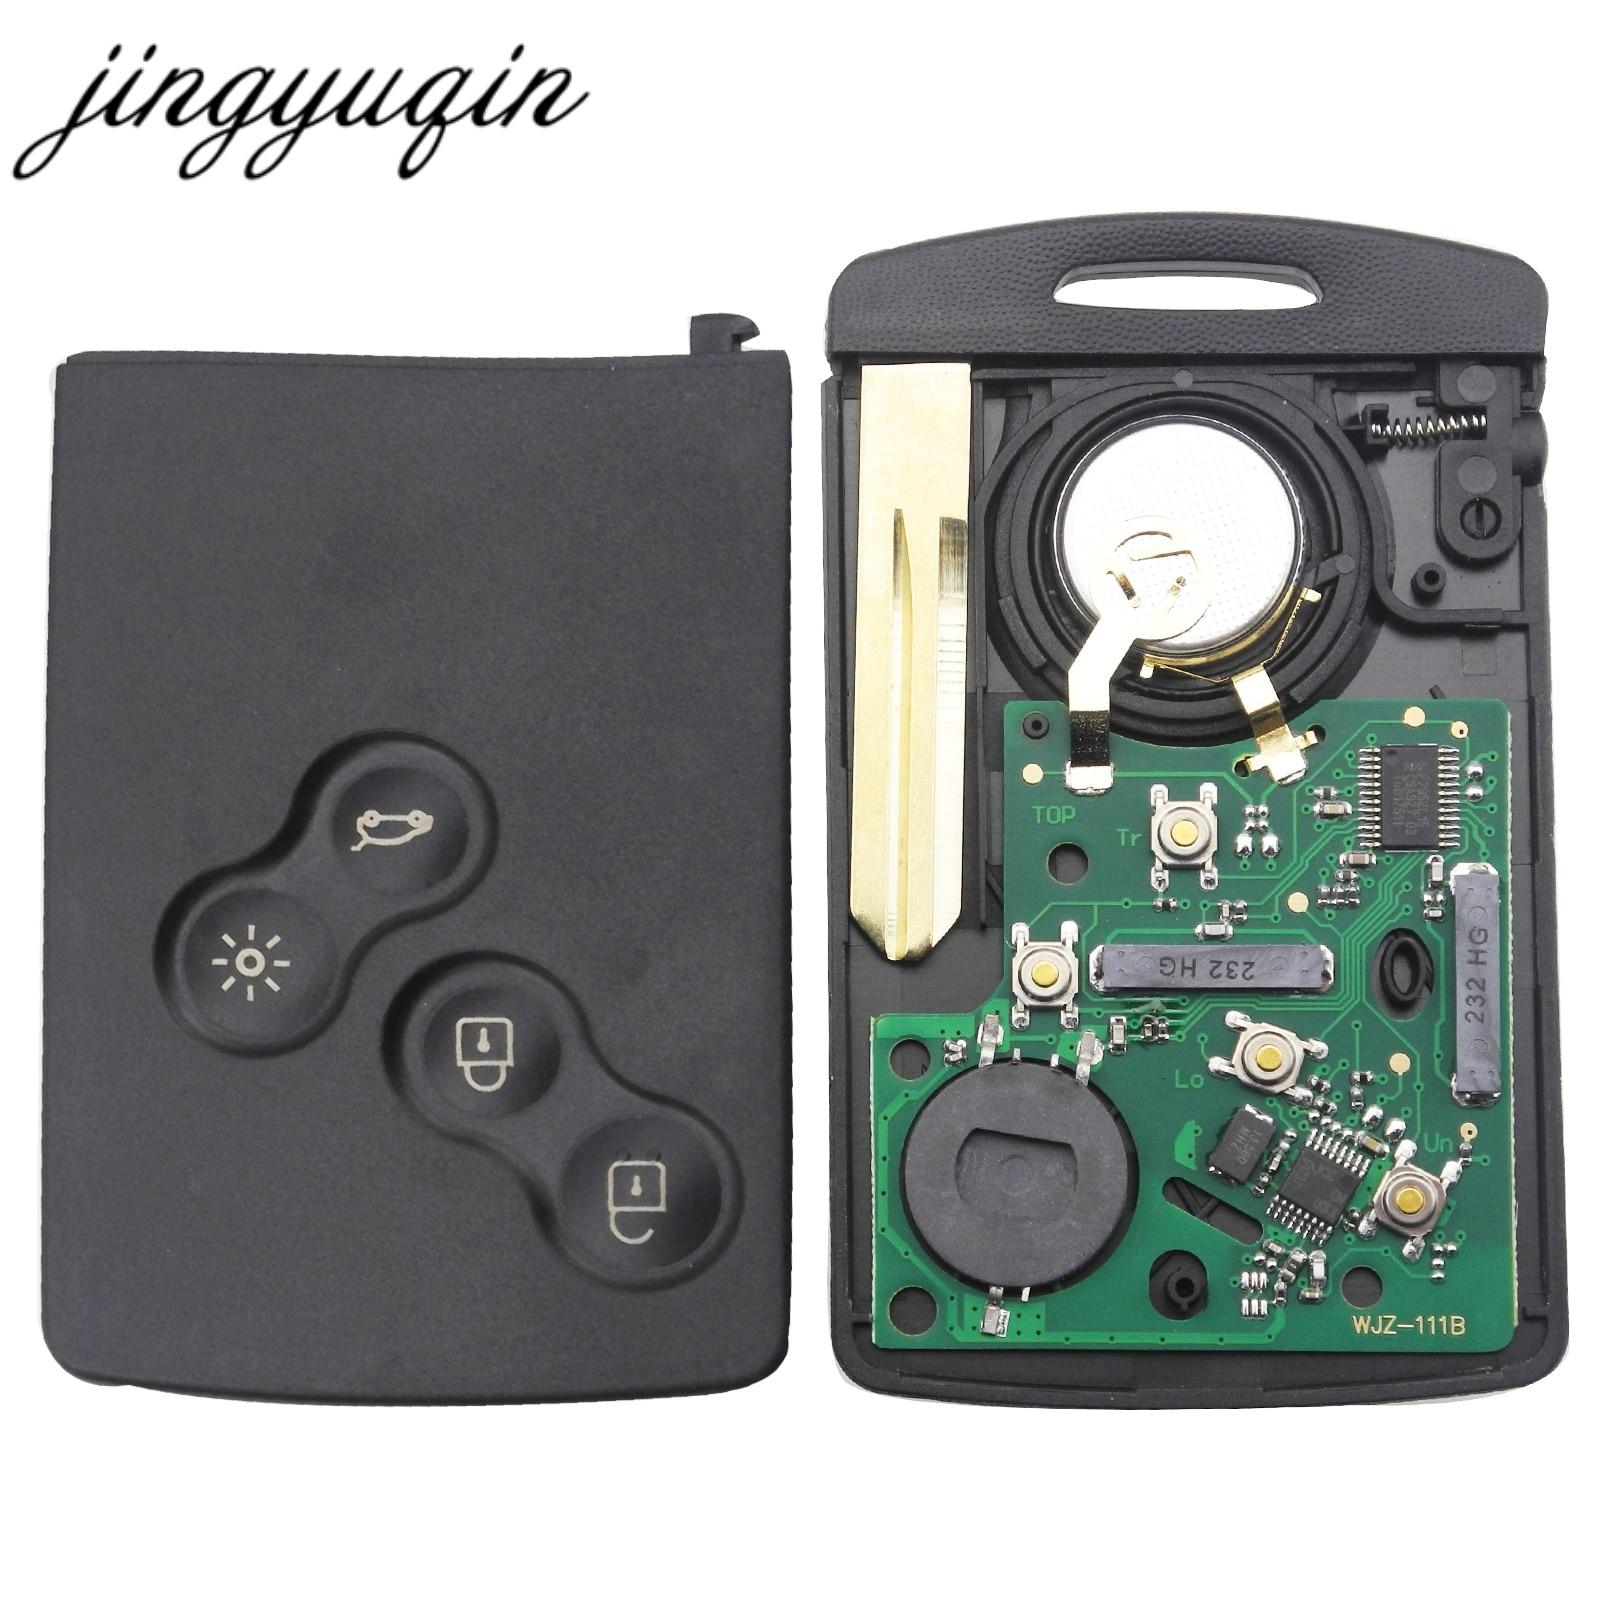 Jingyuqin Carte De Clé De Voiture Fob 433 mhz PCF7952 Puce pour Renault Megane Scenic Laguna Koleos Clio Uncut Lame 4 Bouton télécommande de la Clé